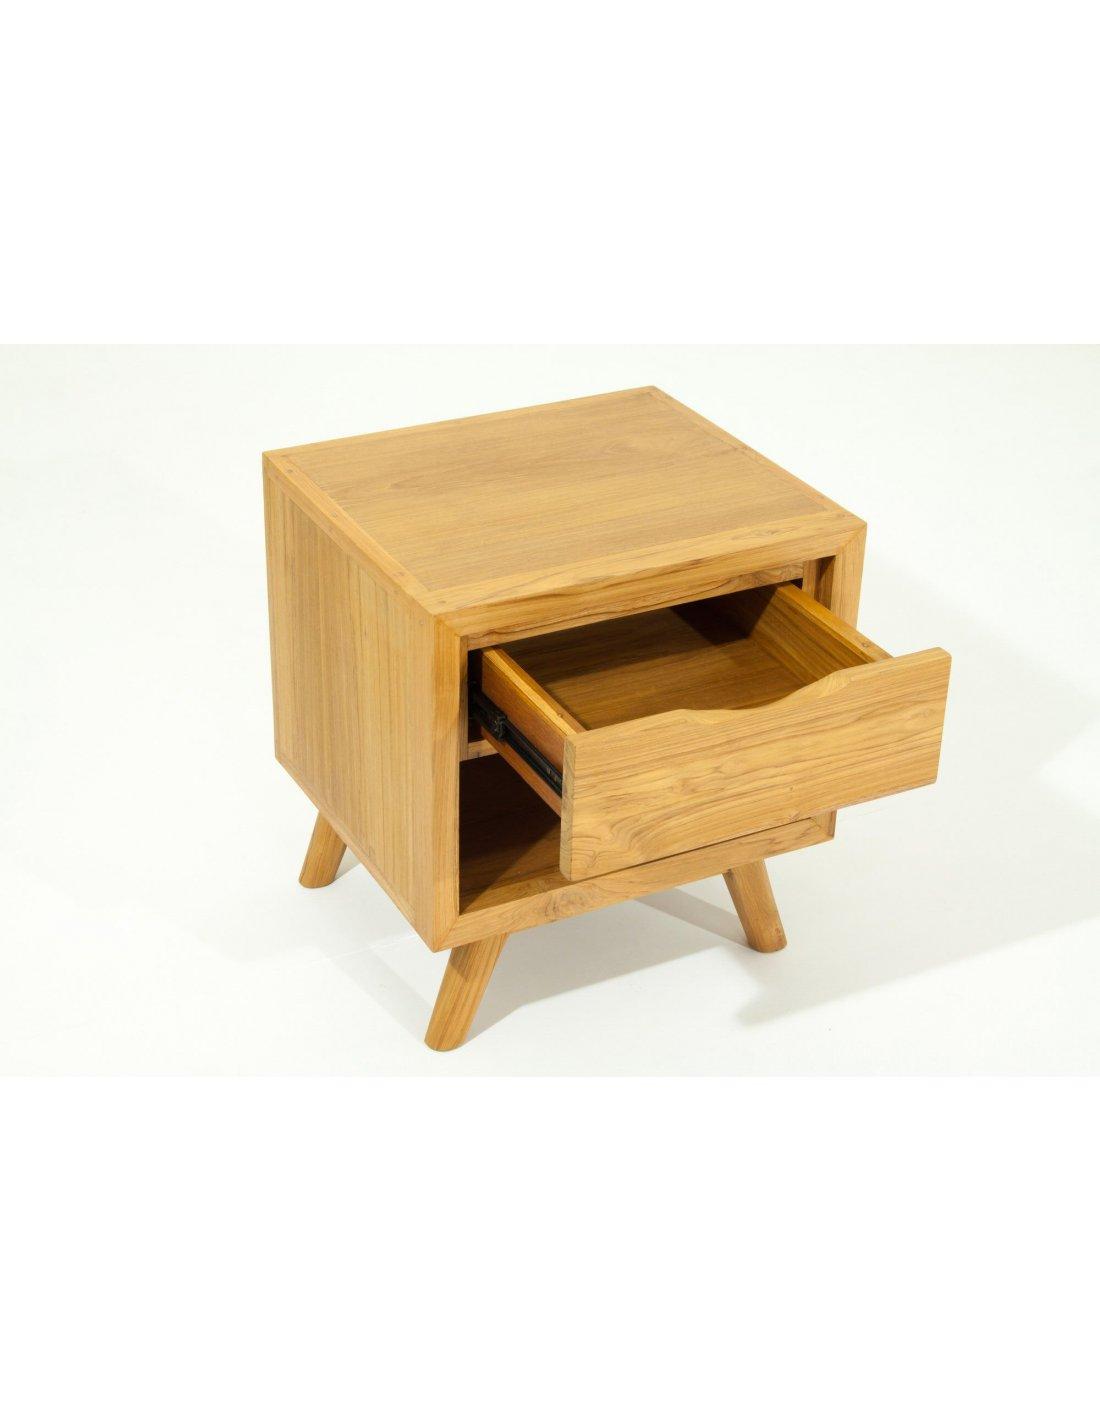 Table de chevet etn fiftees teck massif delorm bois clair - Table de chevet chene clair ...